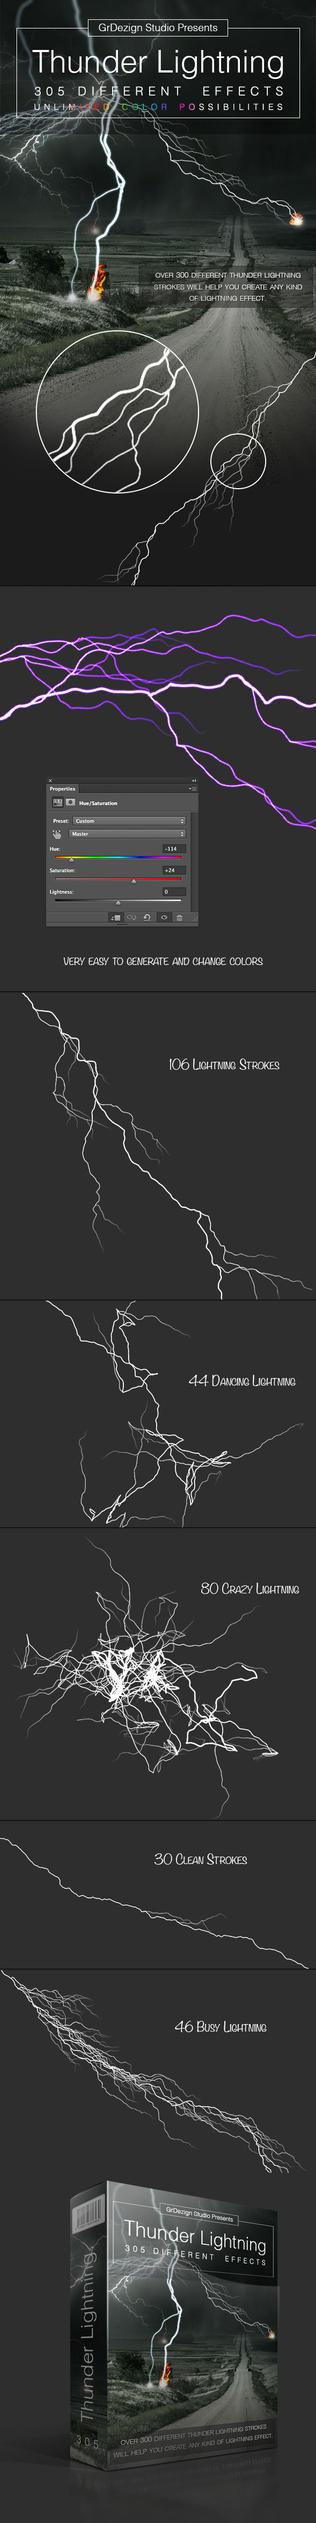 Thunder Lightning Effects by GrDezign